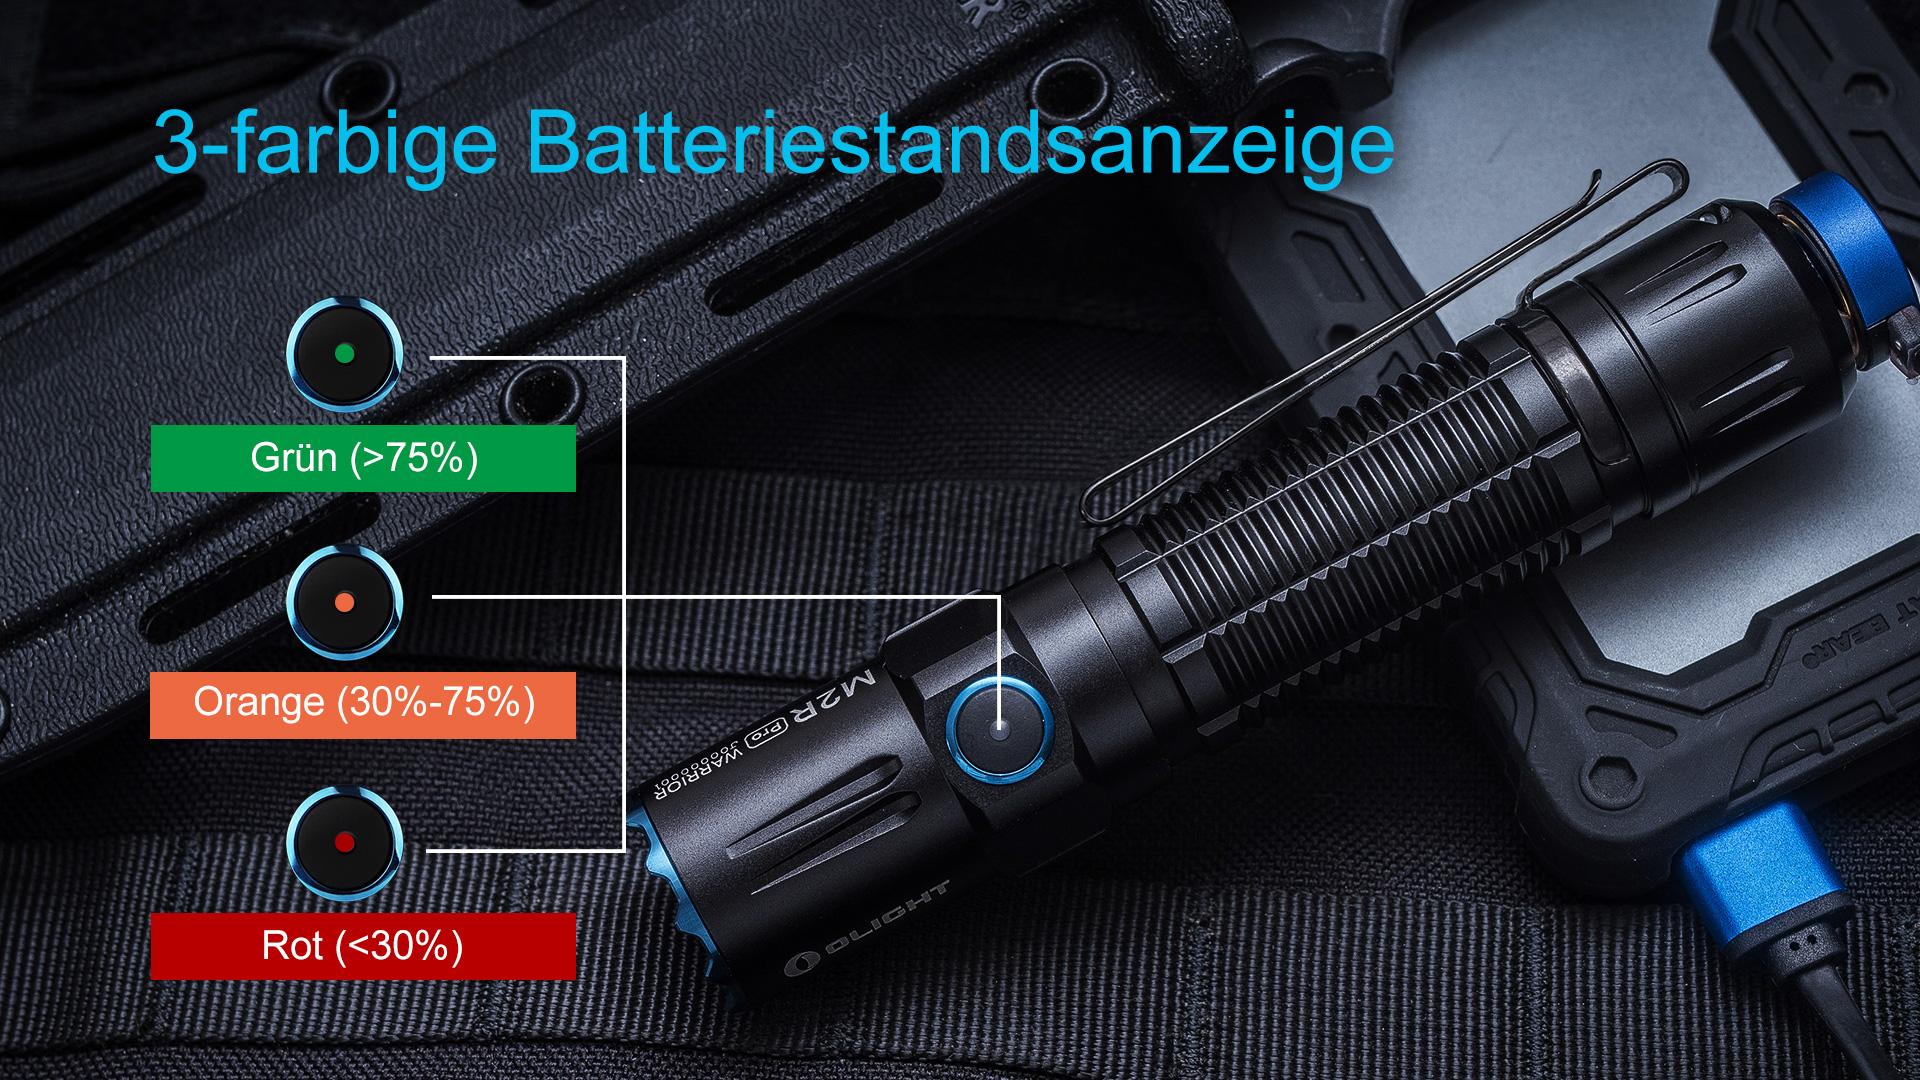 Olight M2R Pro Taschenlampe mit der LED-Ladestandanzeige